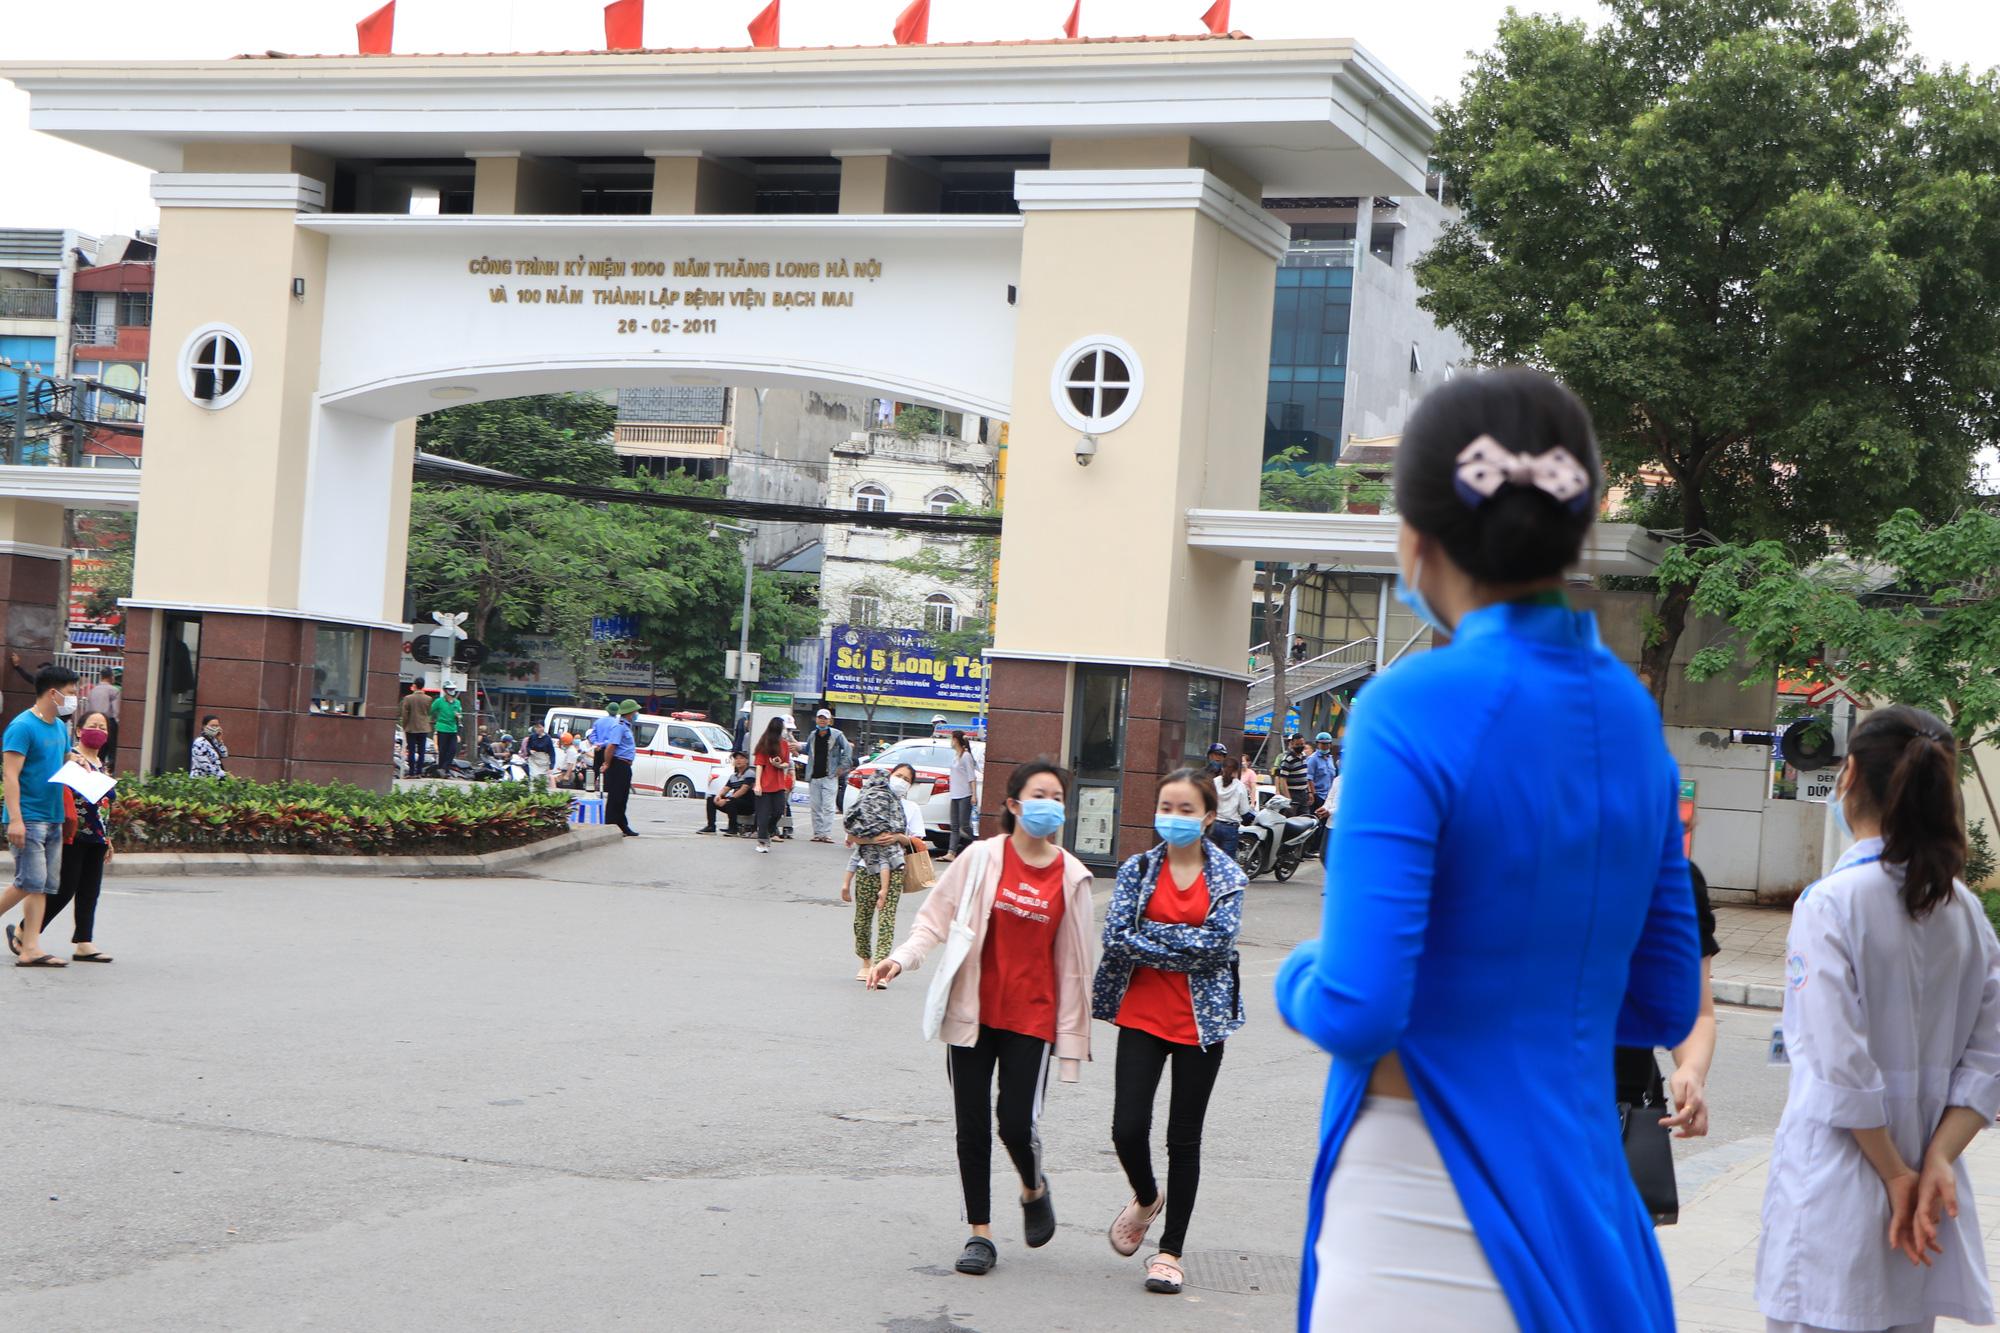 """Phó giám đốc Bệnh viện Bạch Mai: """"Sẽ dần triệt tiêu thu nhập không đúng, những nhóm lợi ích"""" - Ảnh 1."""